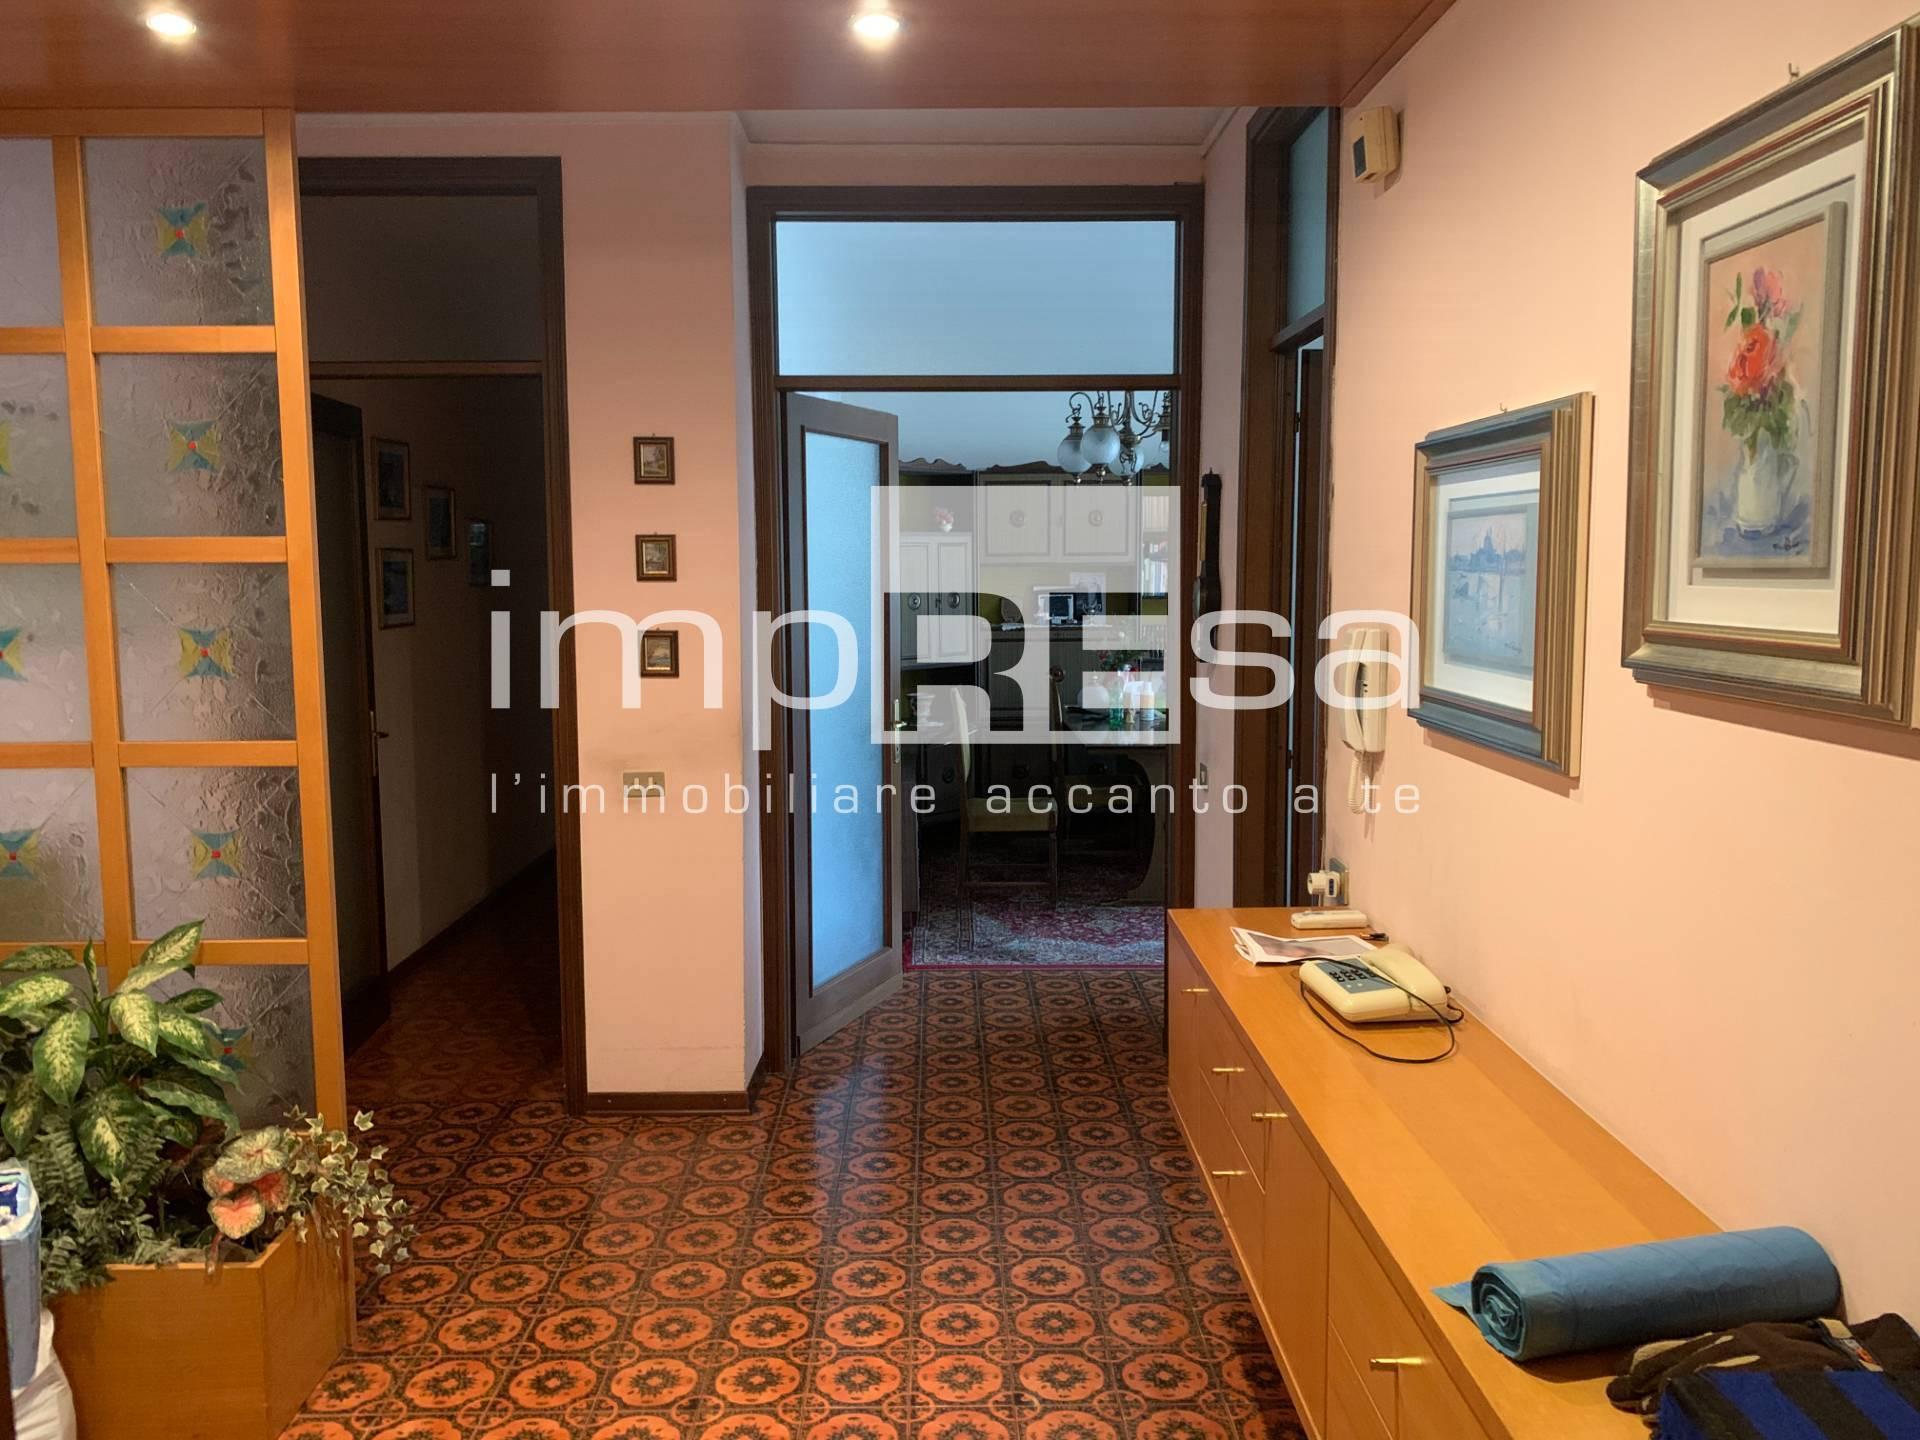 Appartamento in vendita a Conegliano, 4 locali, prezzo € 88.000   CambioCasa.it